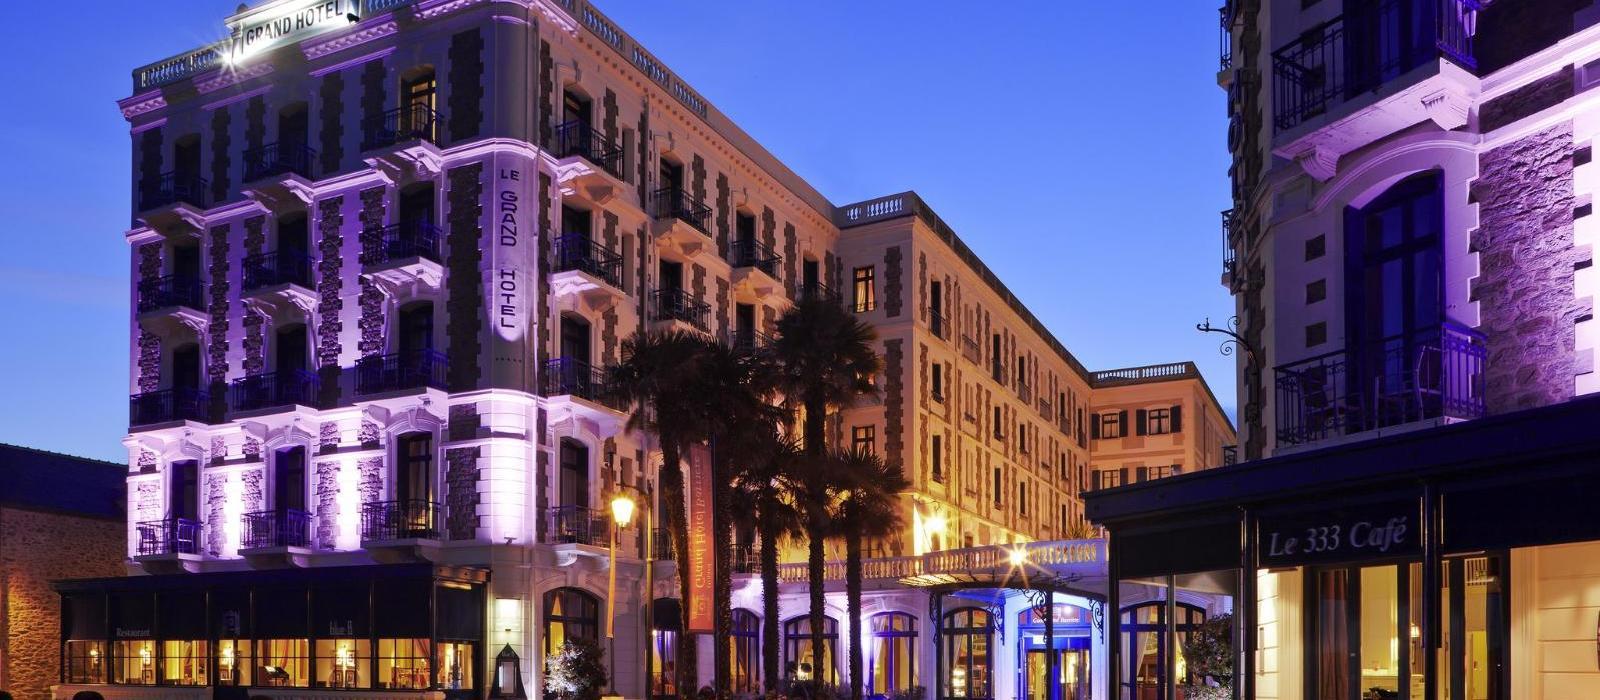 巴里耶尔迪纳尔大酒店(Grand Hotel Barriere) 图片  www.lhw.cn